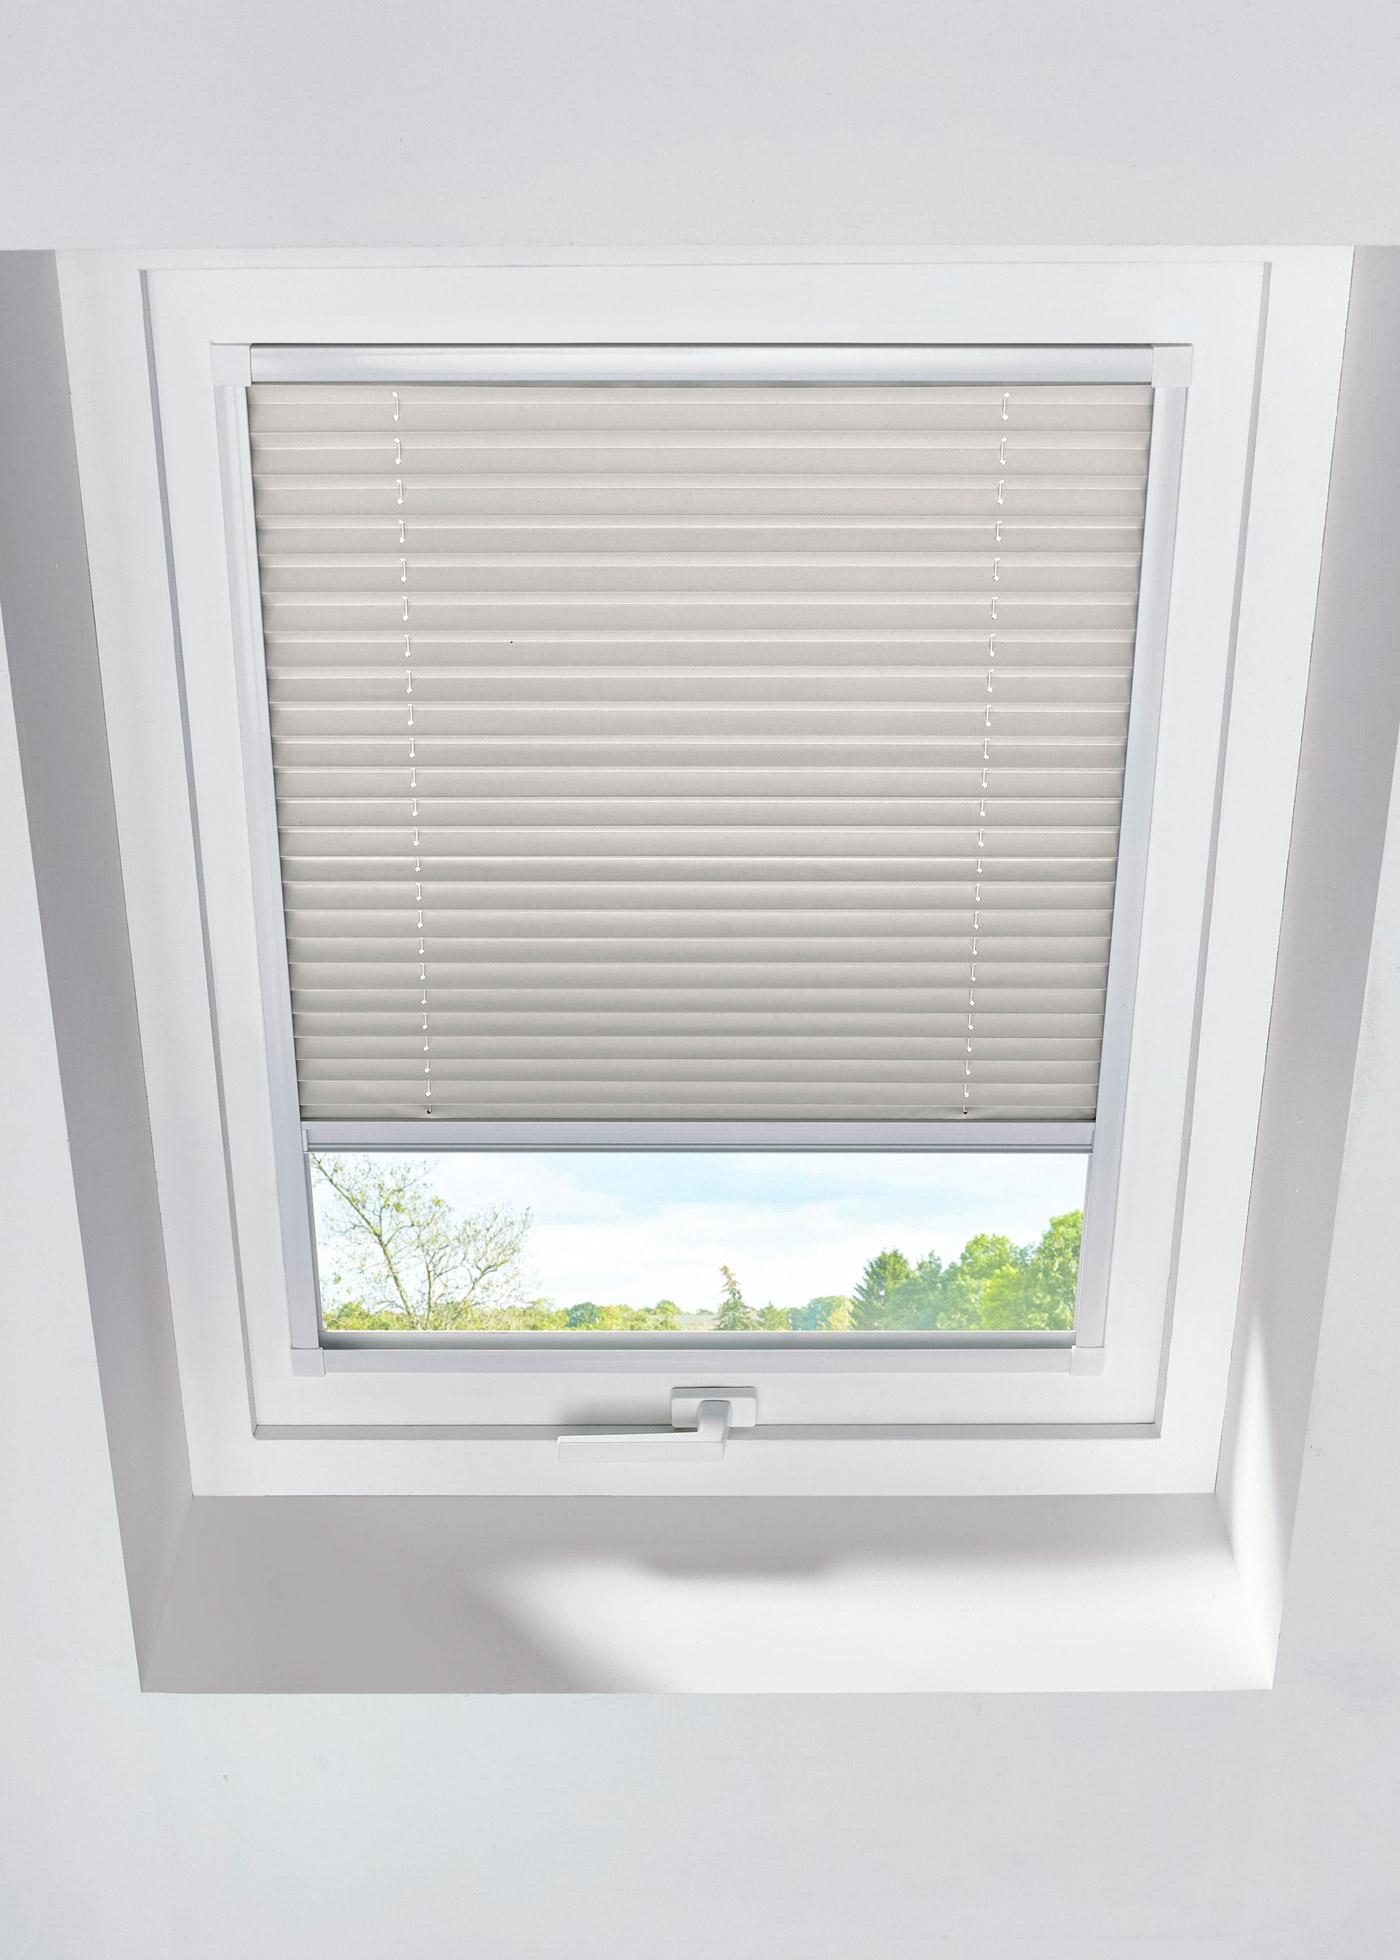 Dachfenster-Wabenplissee-Verdunkelung in beige von bonprix